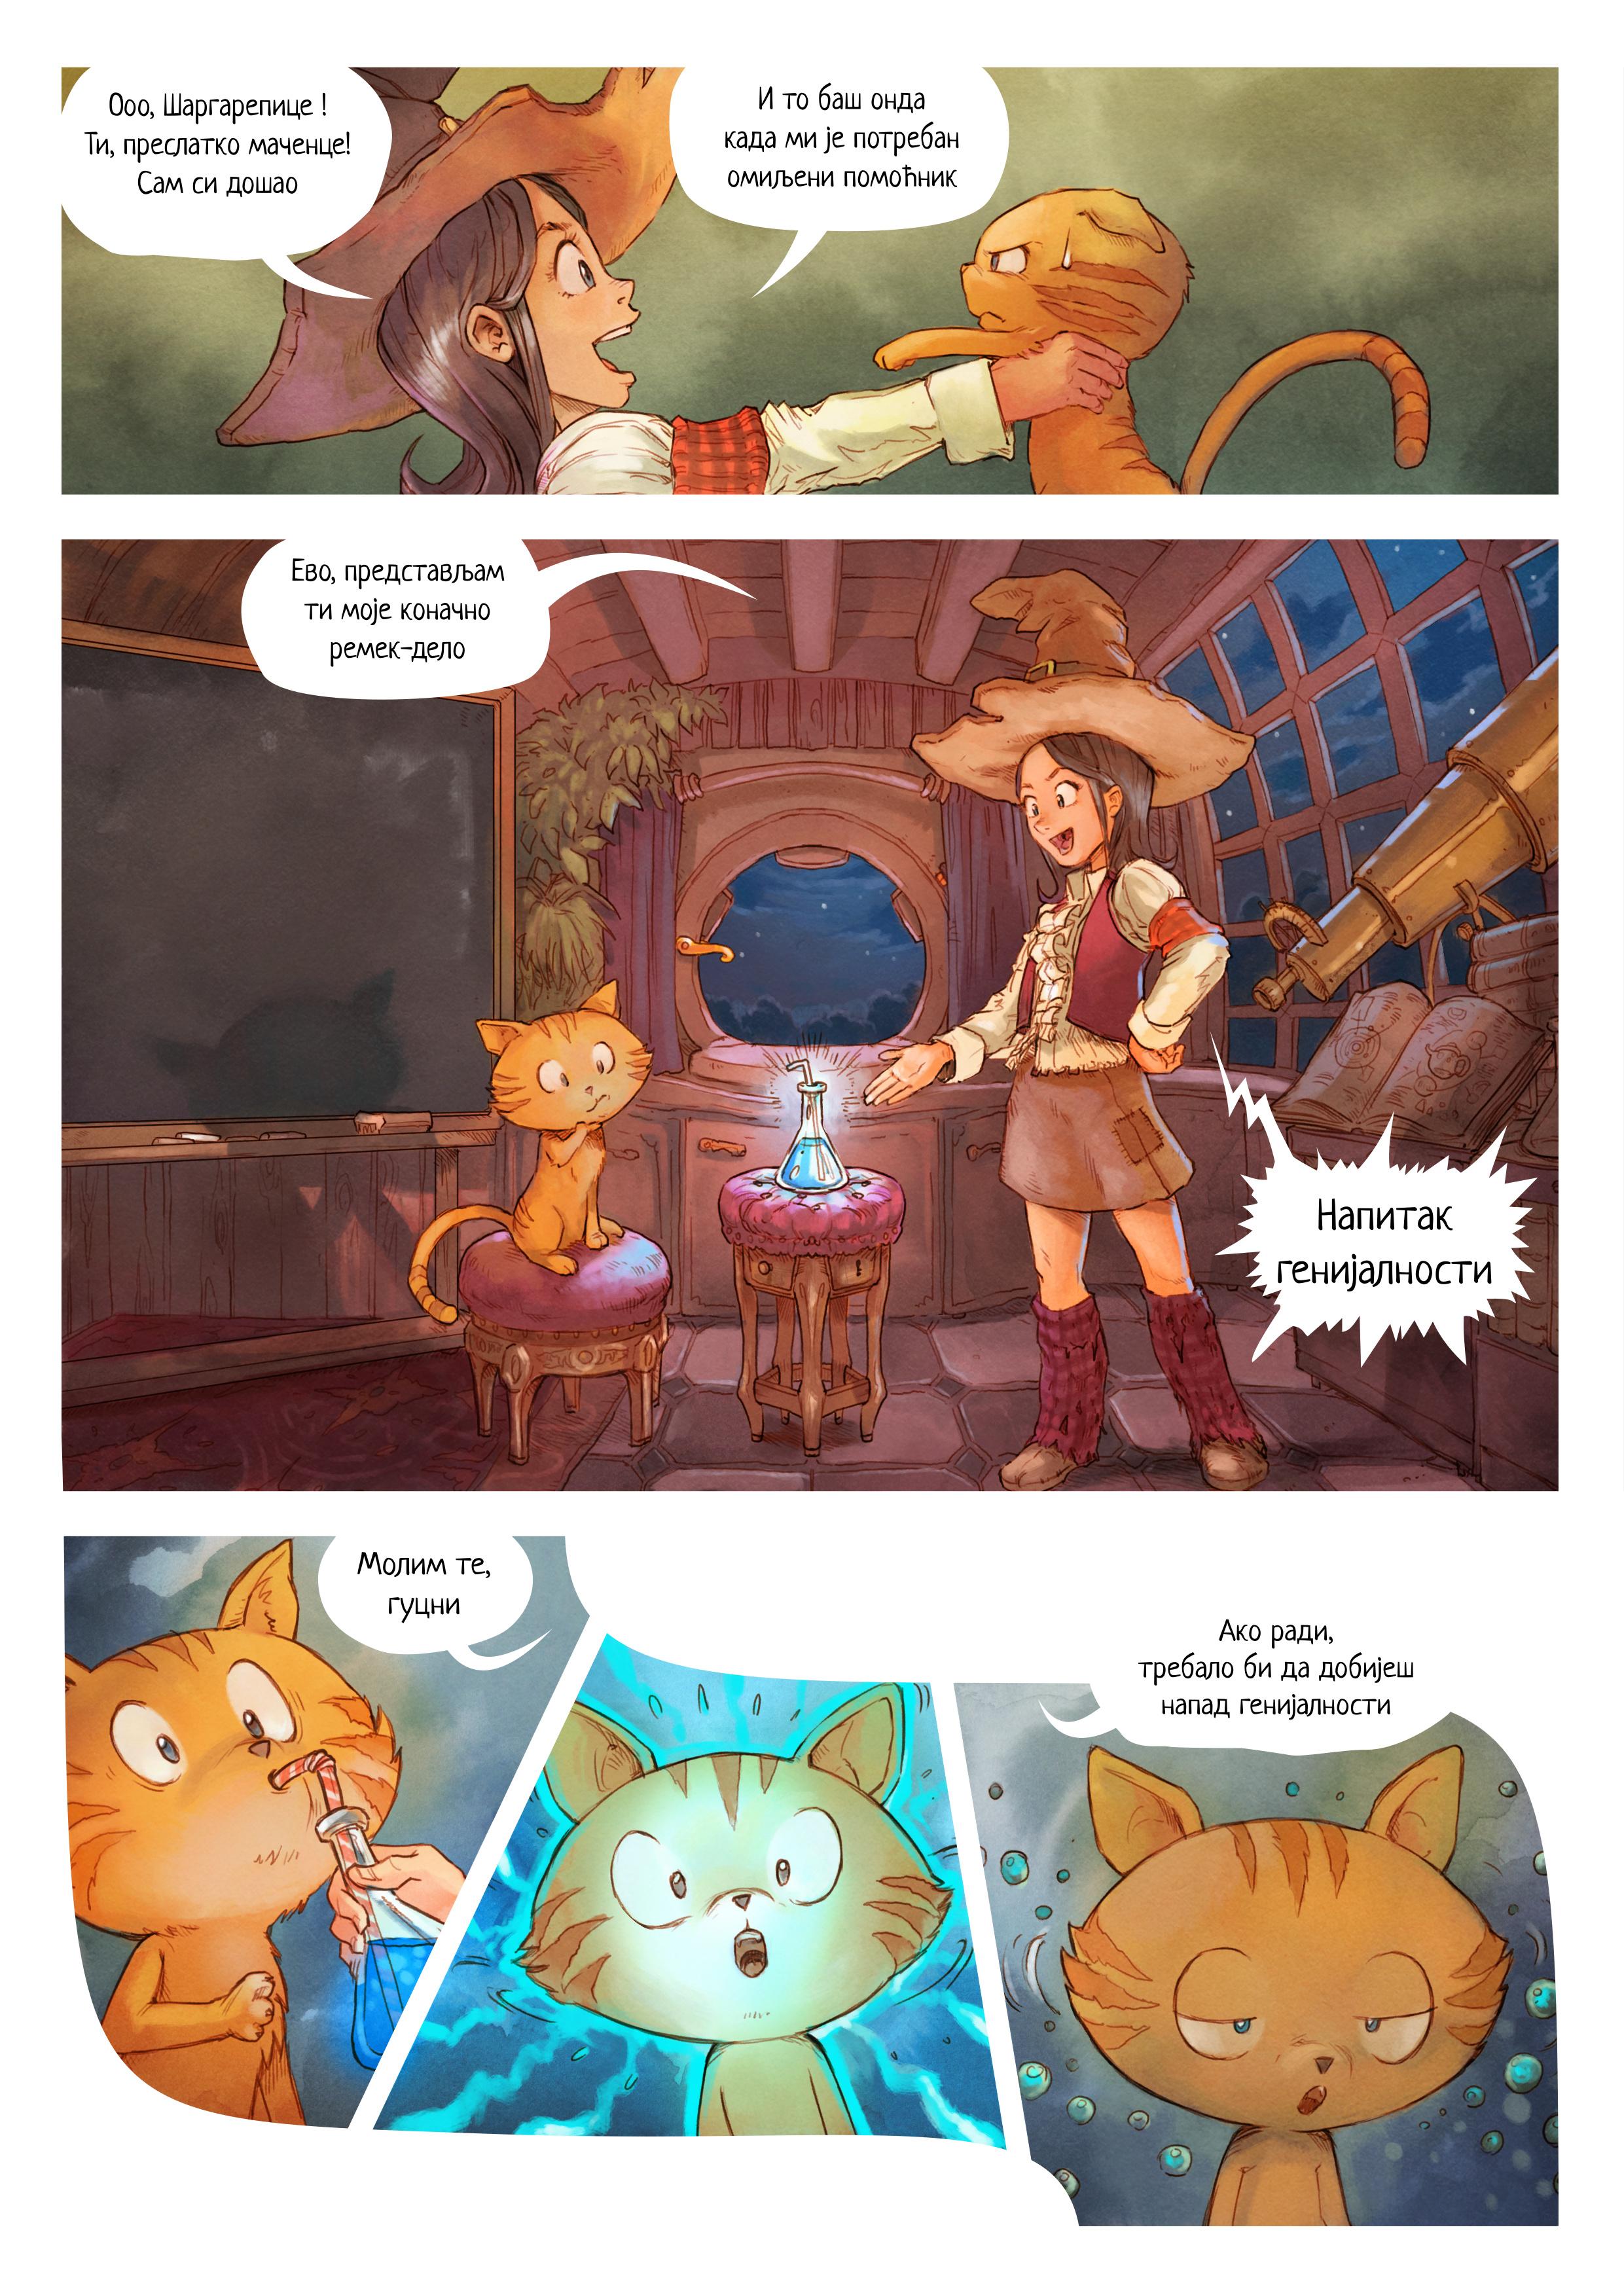 Епизода 4: Напад генијалности, Page 3